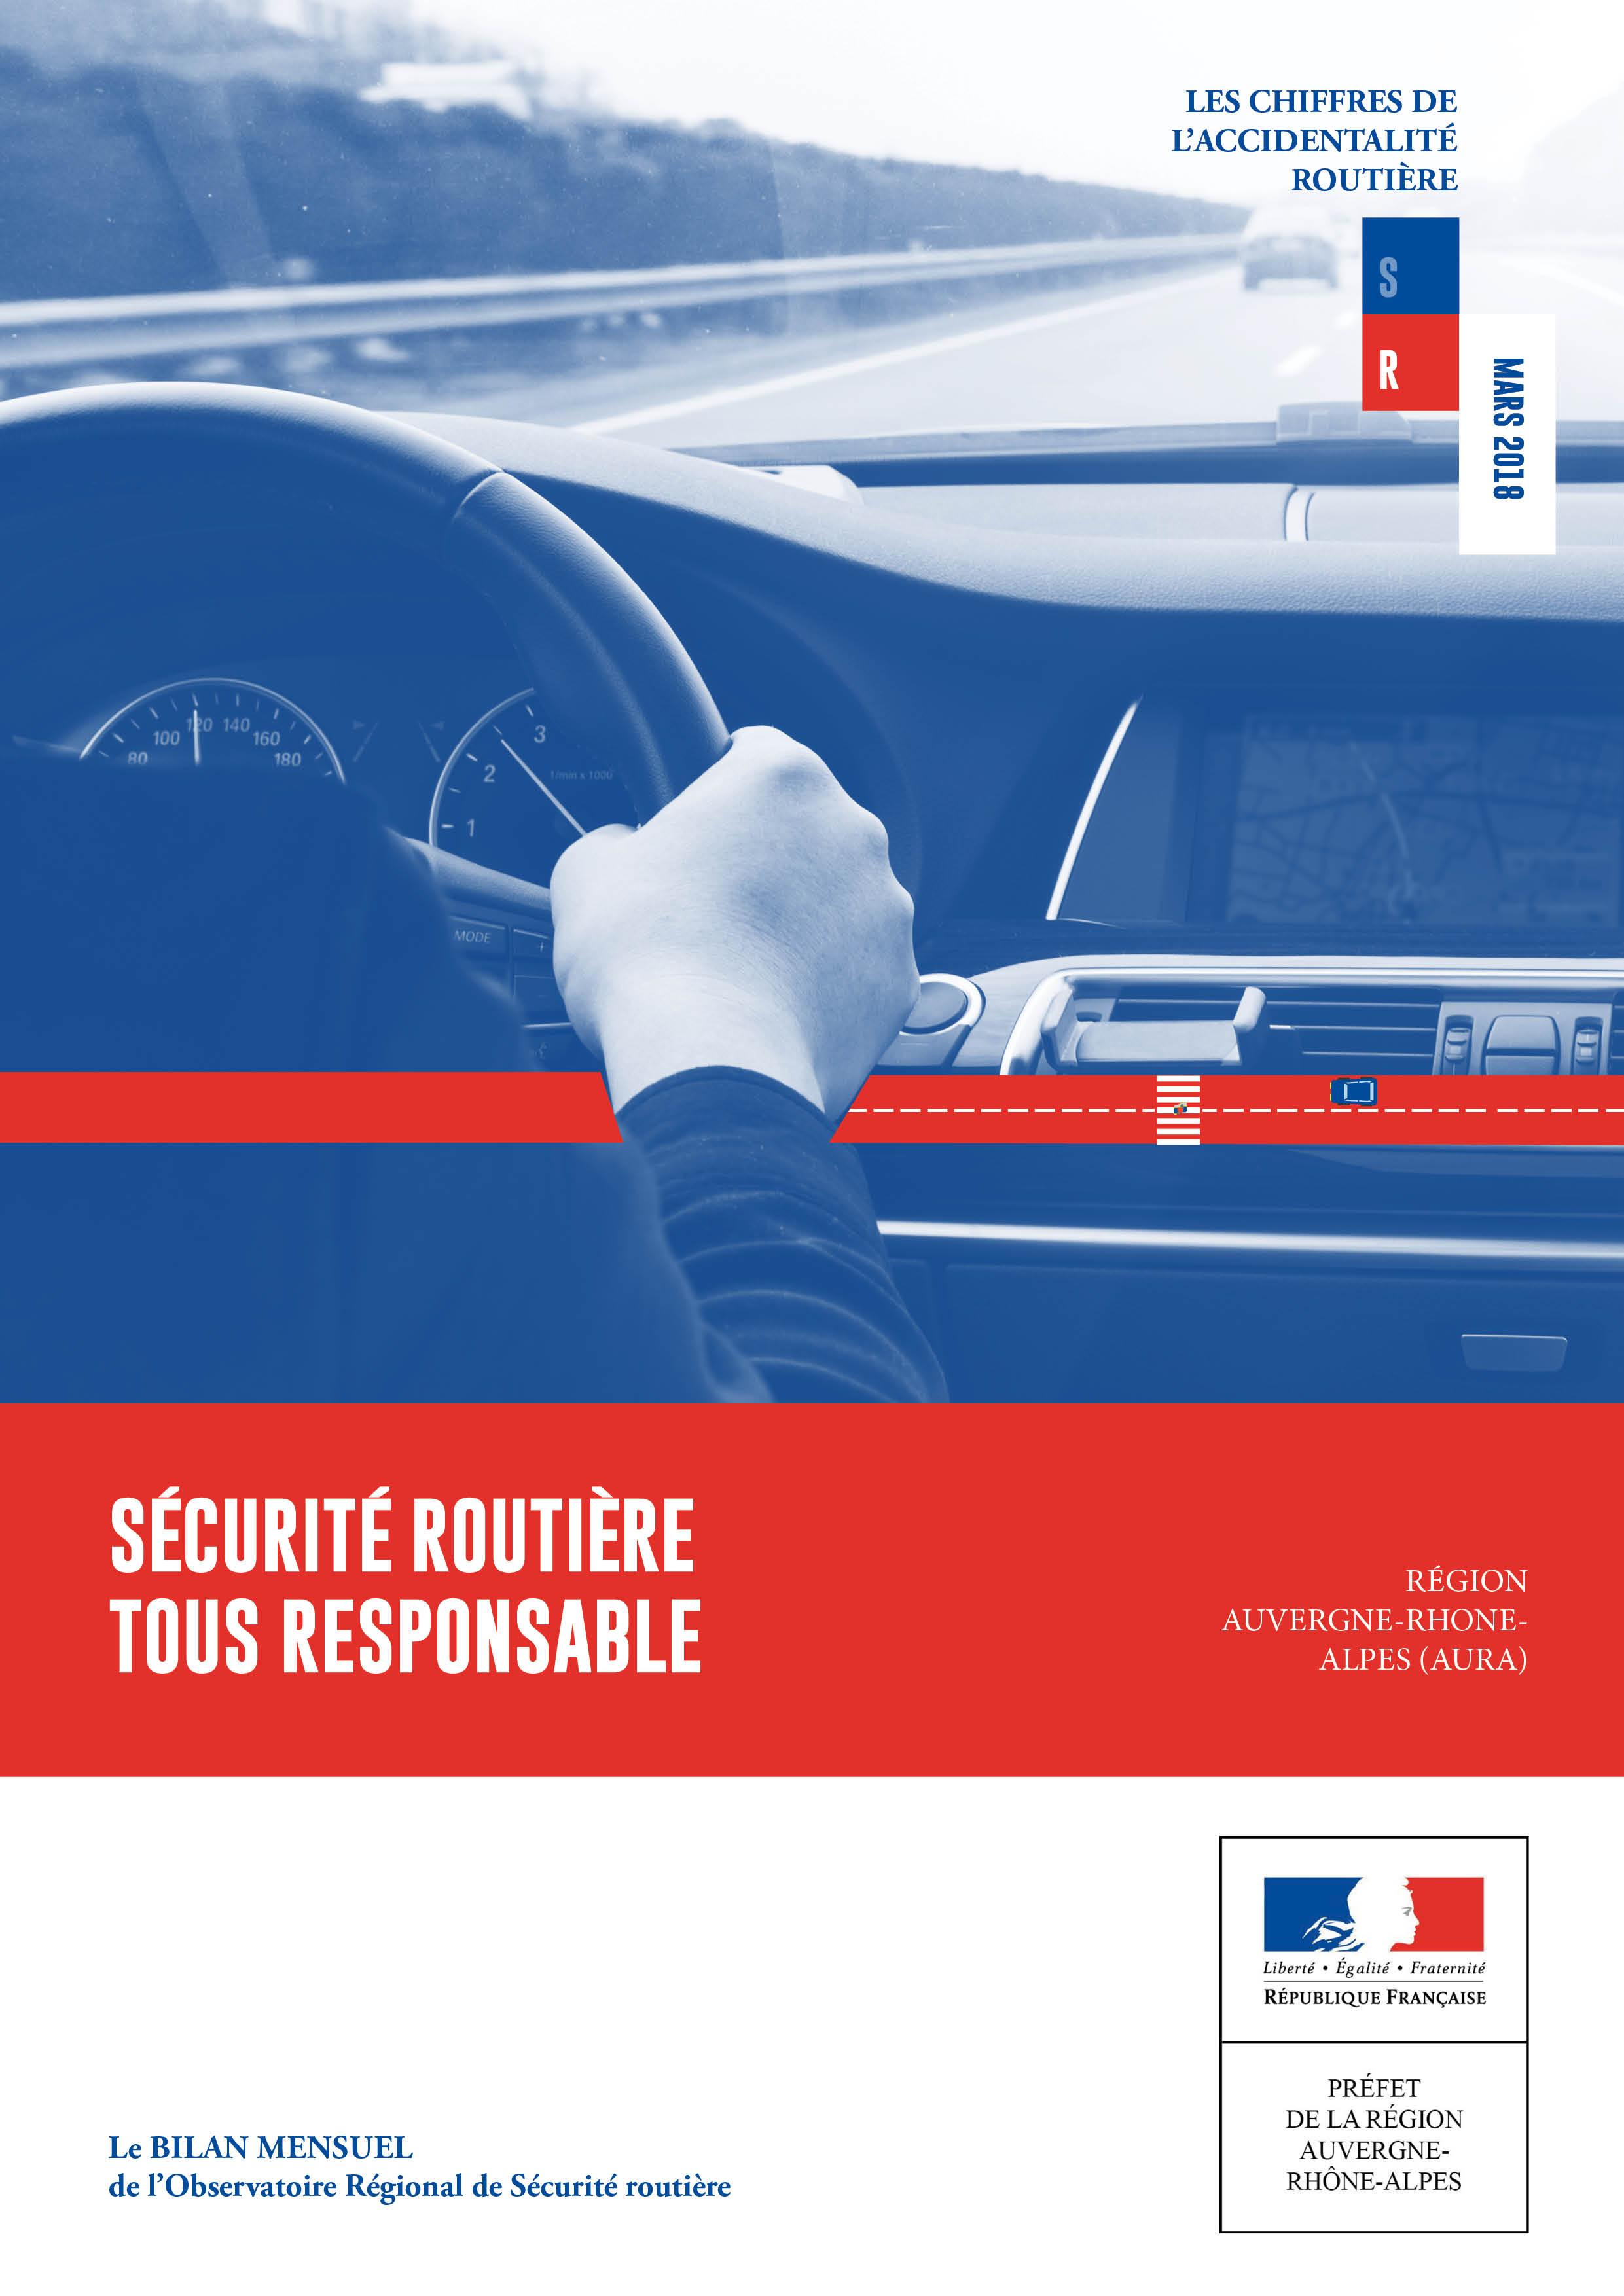 Graphisme institutionnel - Préfecture du Rhône